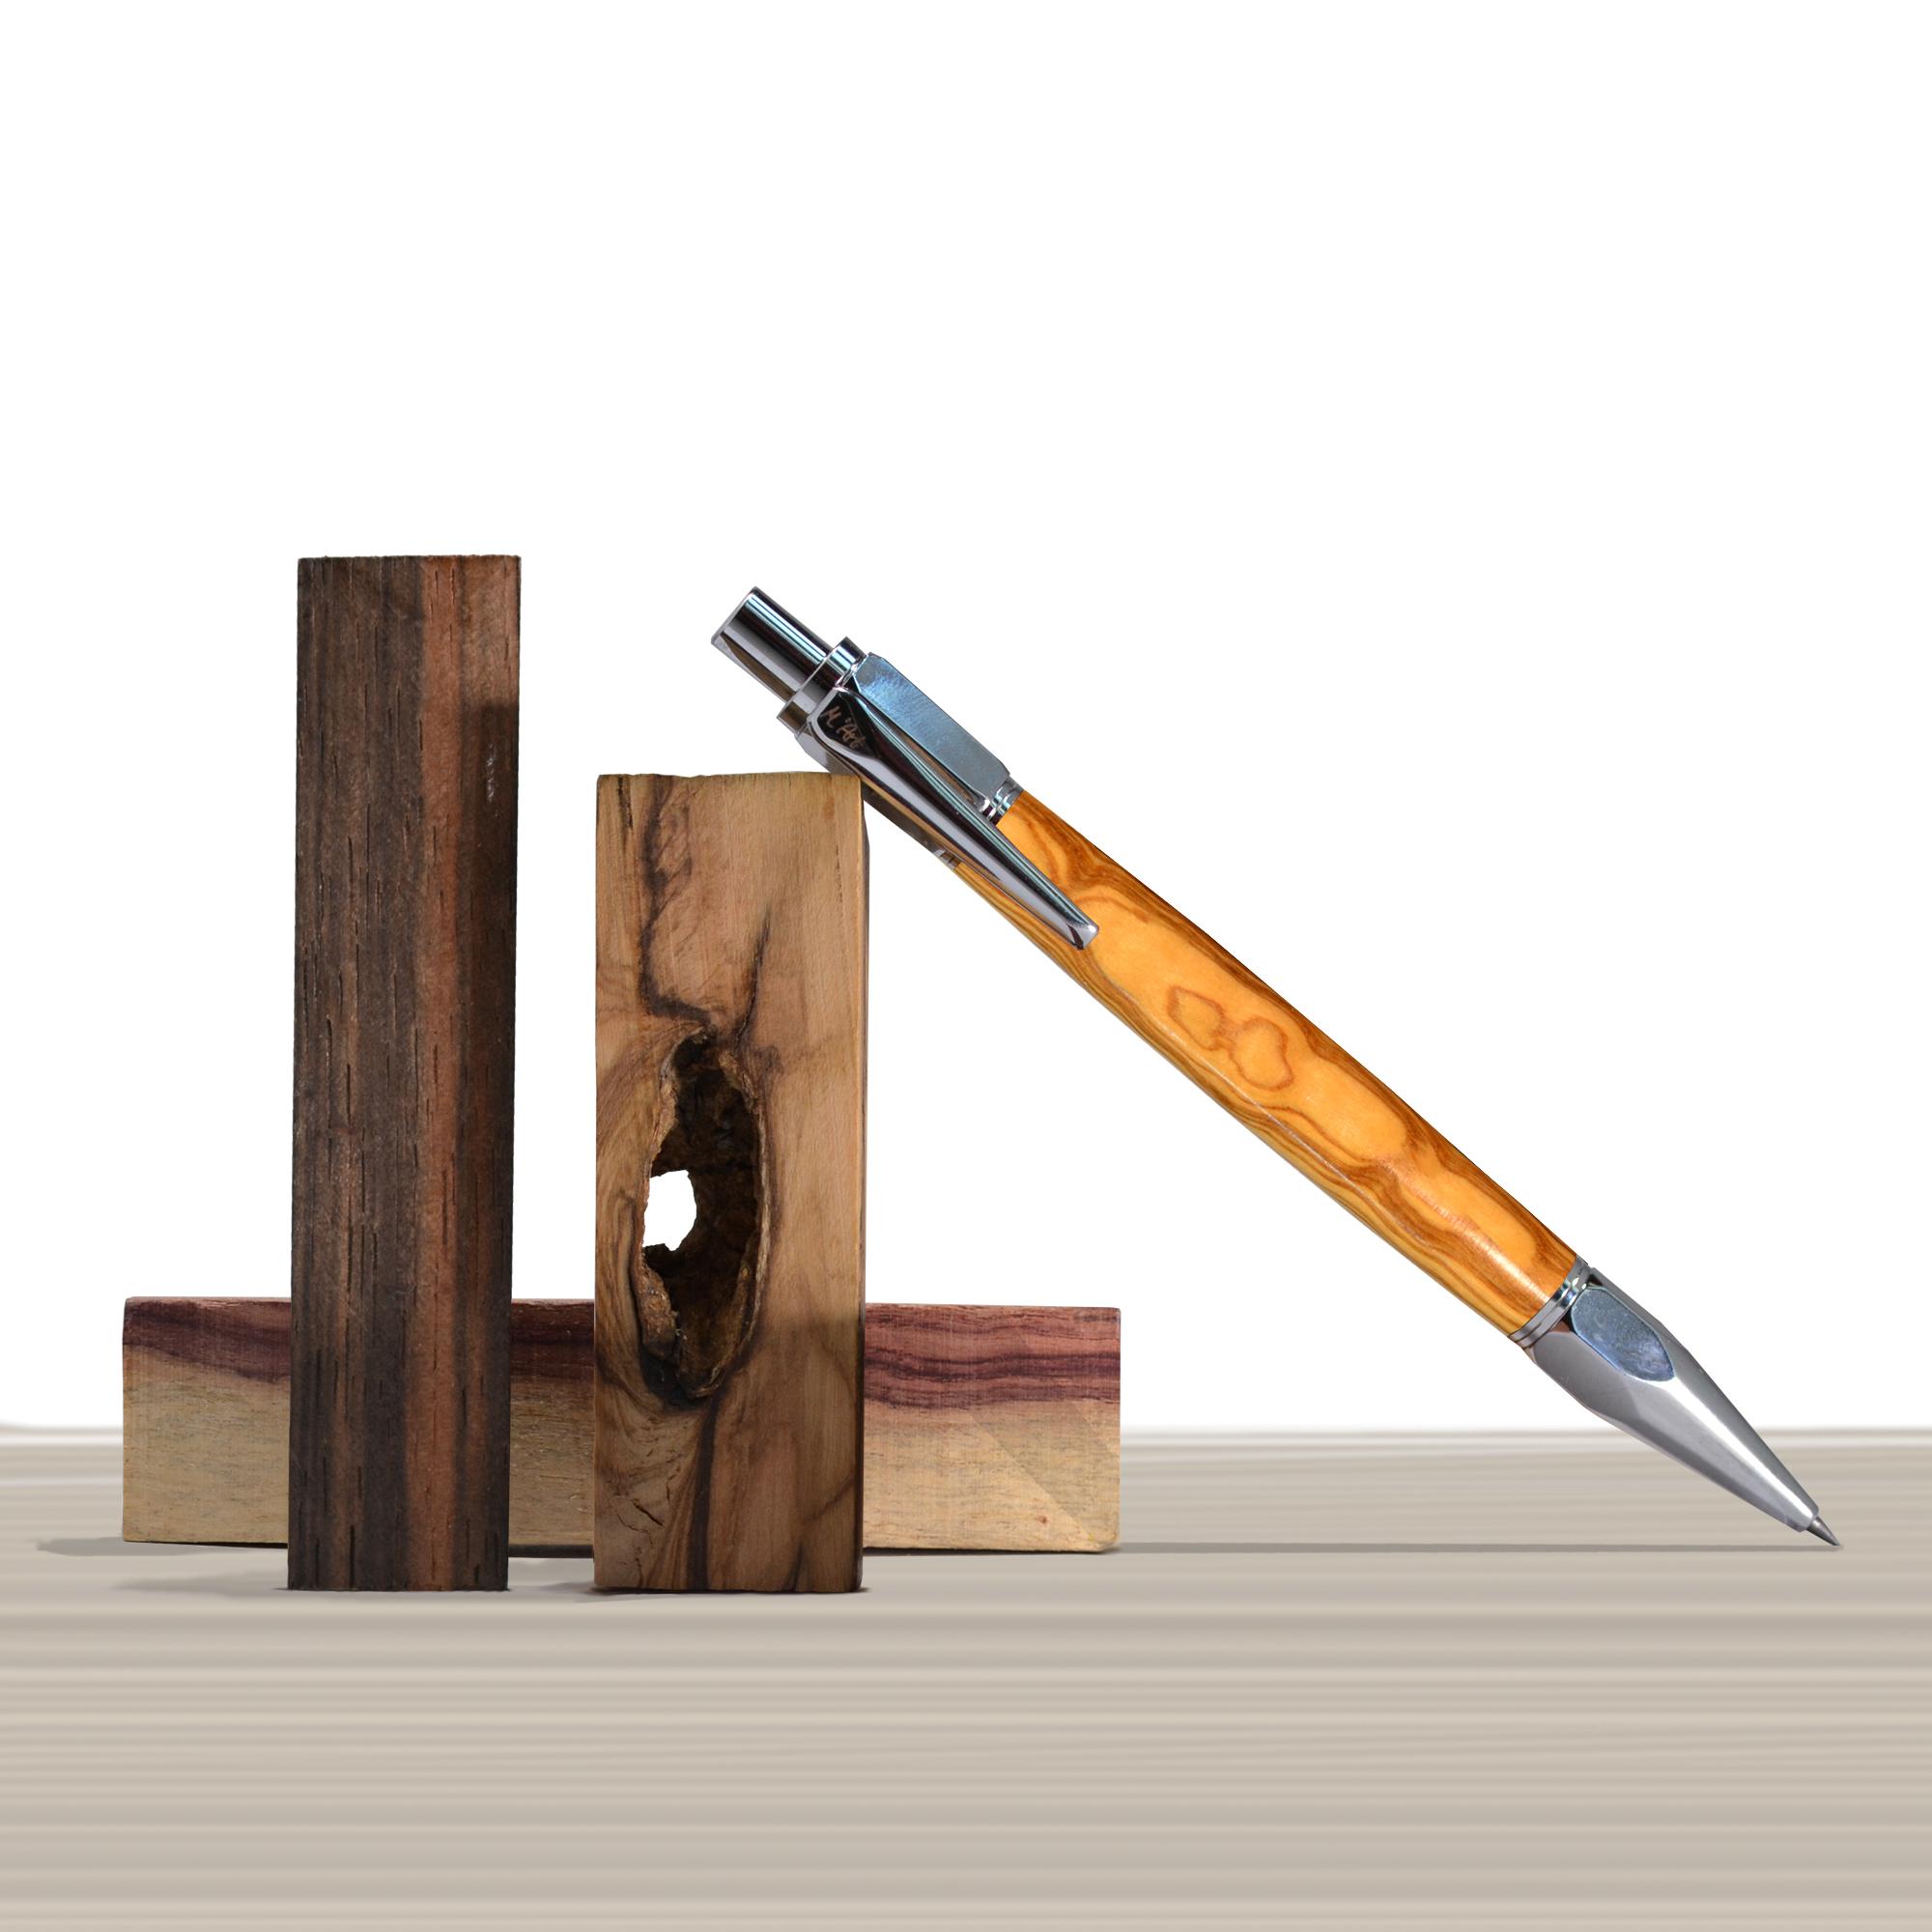 Artemisia pencil in Olive wood